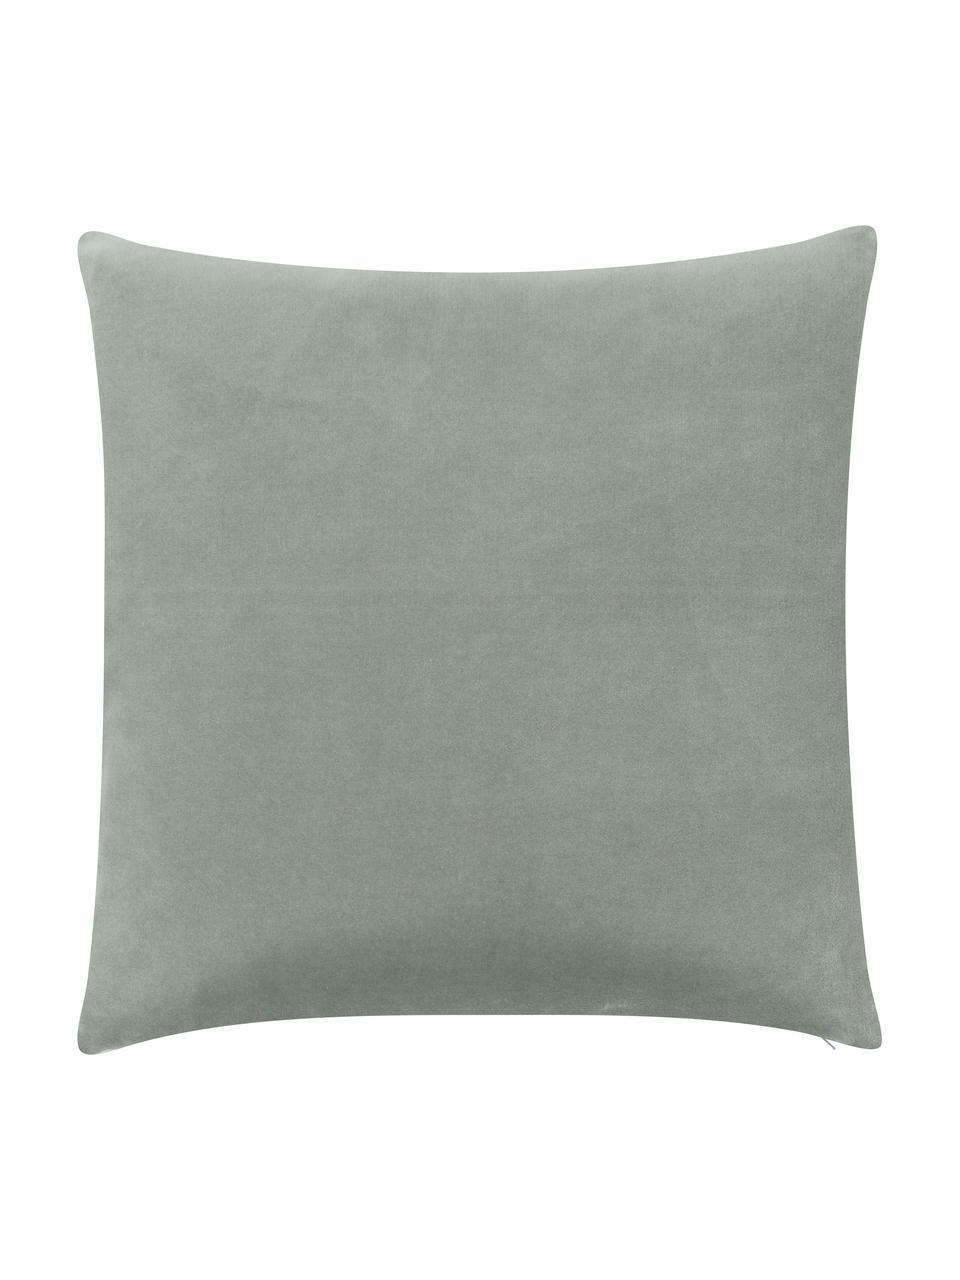 Poszewka na poduszkę z aksamitu Shiny, Aksamit bawełniany, Szałwiowy zielony, odcienie złotego, S 40 x D 40 cm